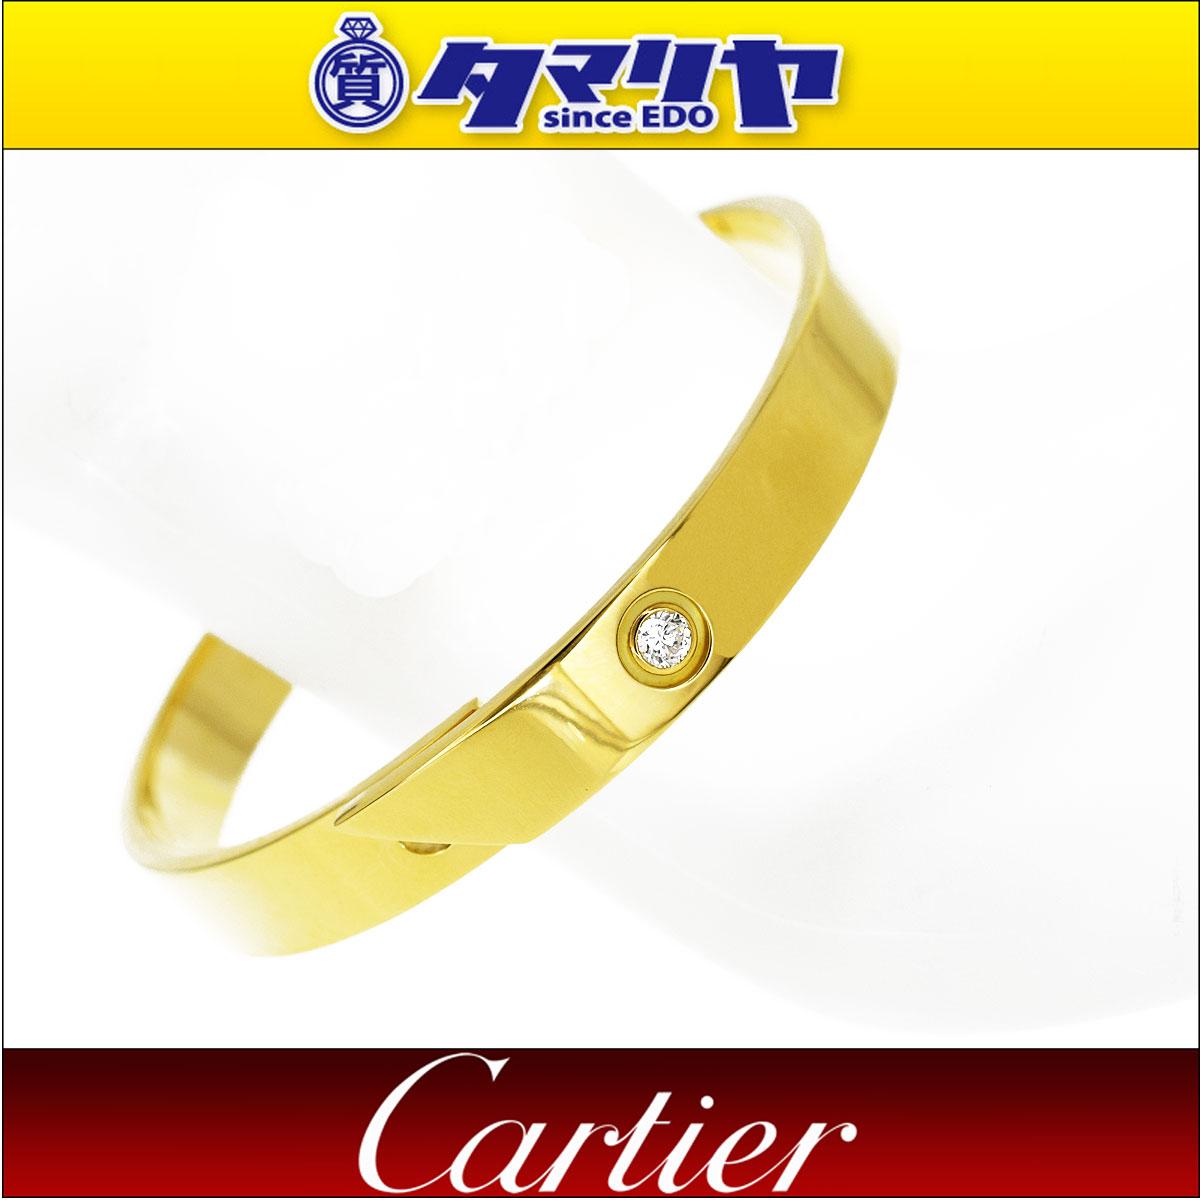 2dcc34426fc0 ... gucci | Cartier カルティエ ダイヤ アニバーサリー バングル 16cm K18 750 YG イエローゴールド 1997 |  送料無料 | き手数料無料 | レディース ブレスレッド ...